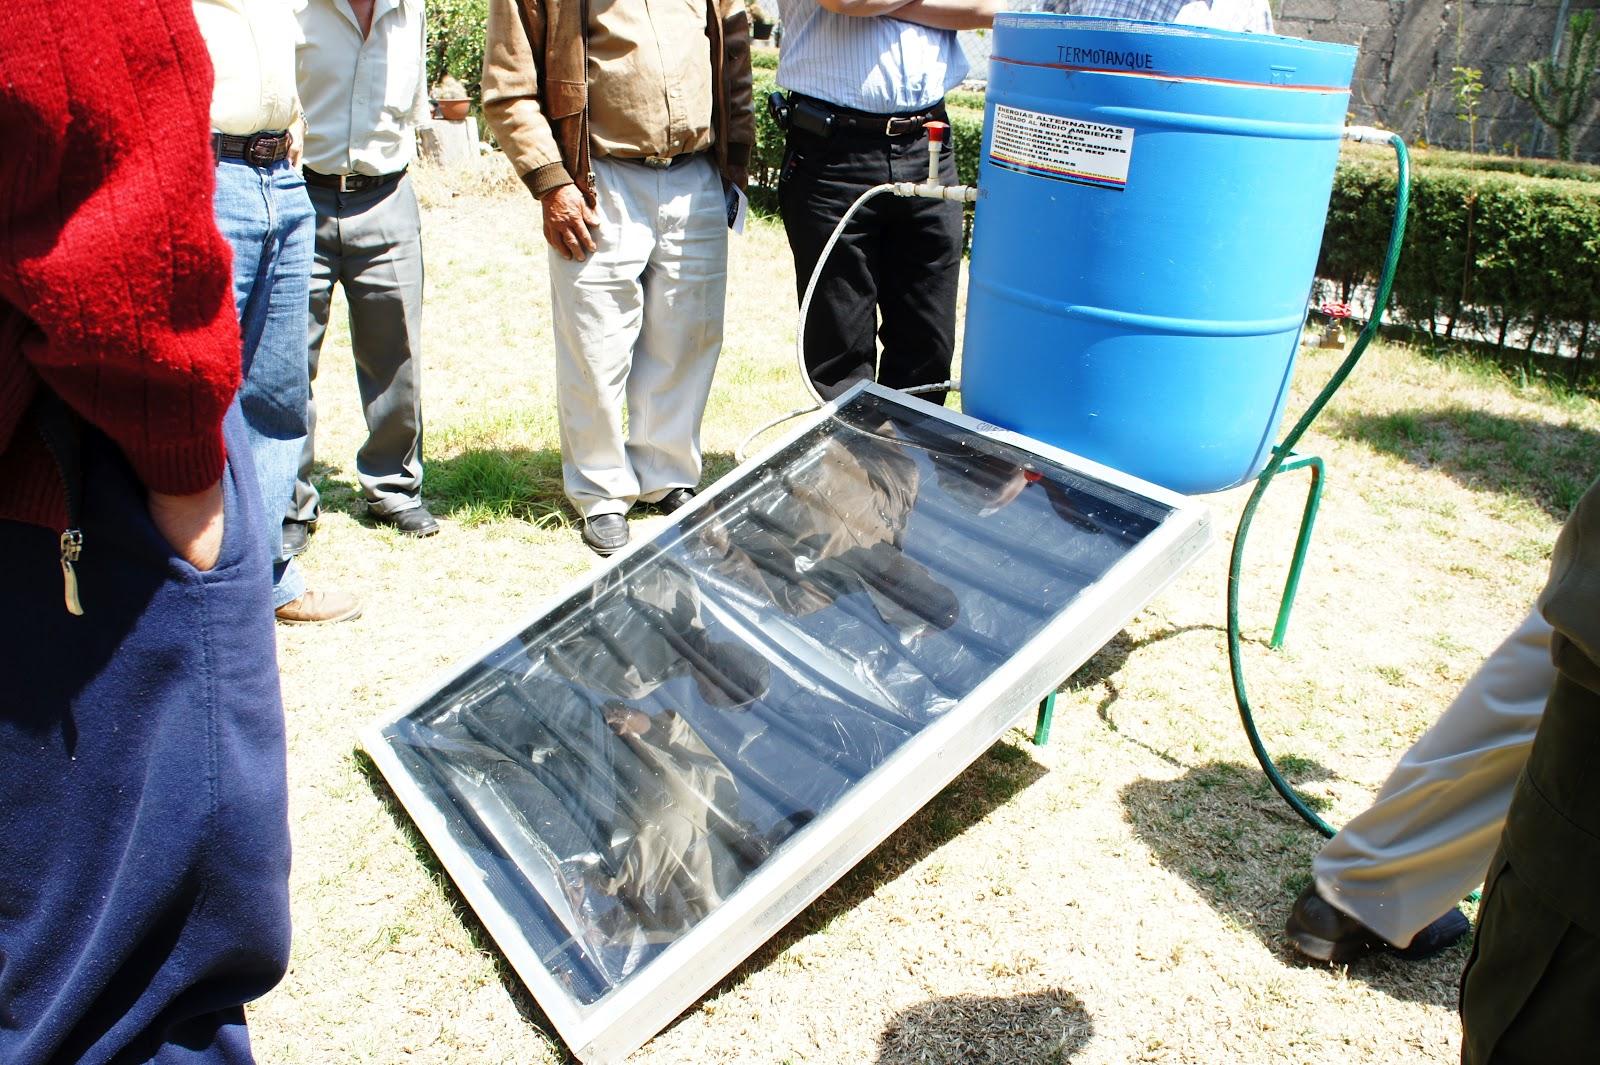 Observatorio ciudadano de desarrollo social y derechos for Calentador solar piscina casero